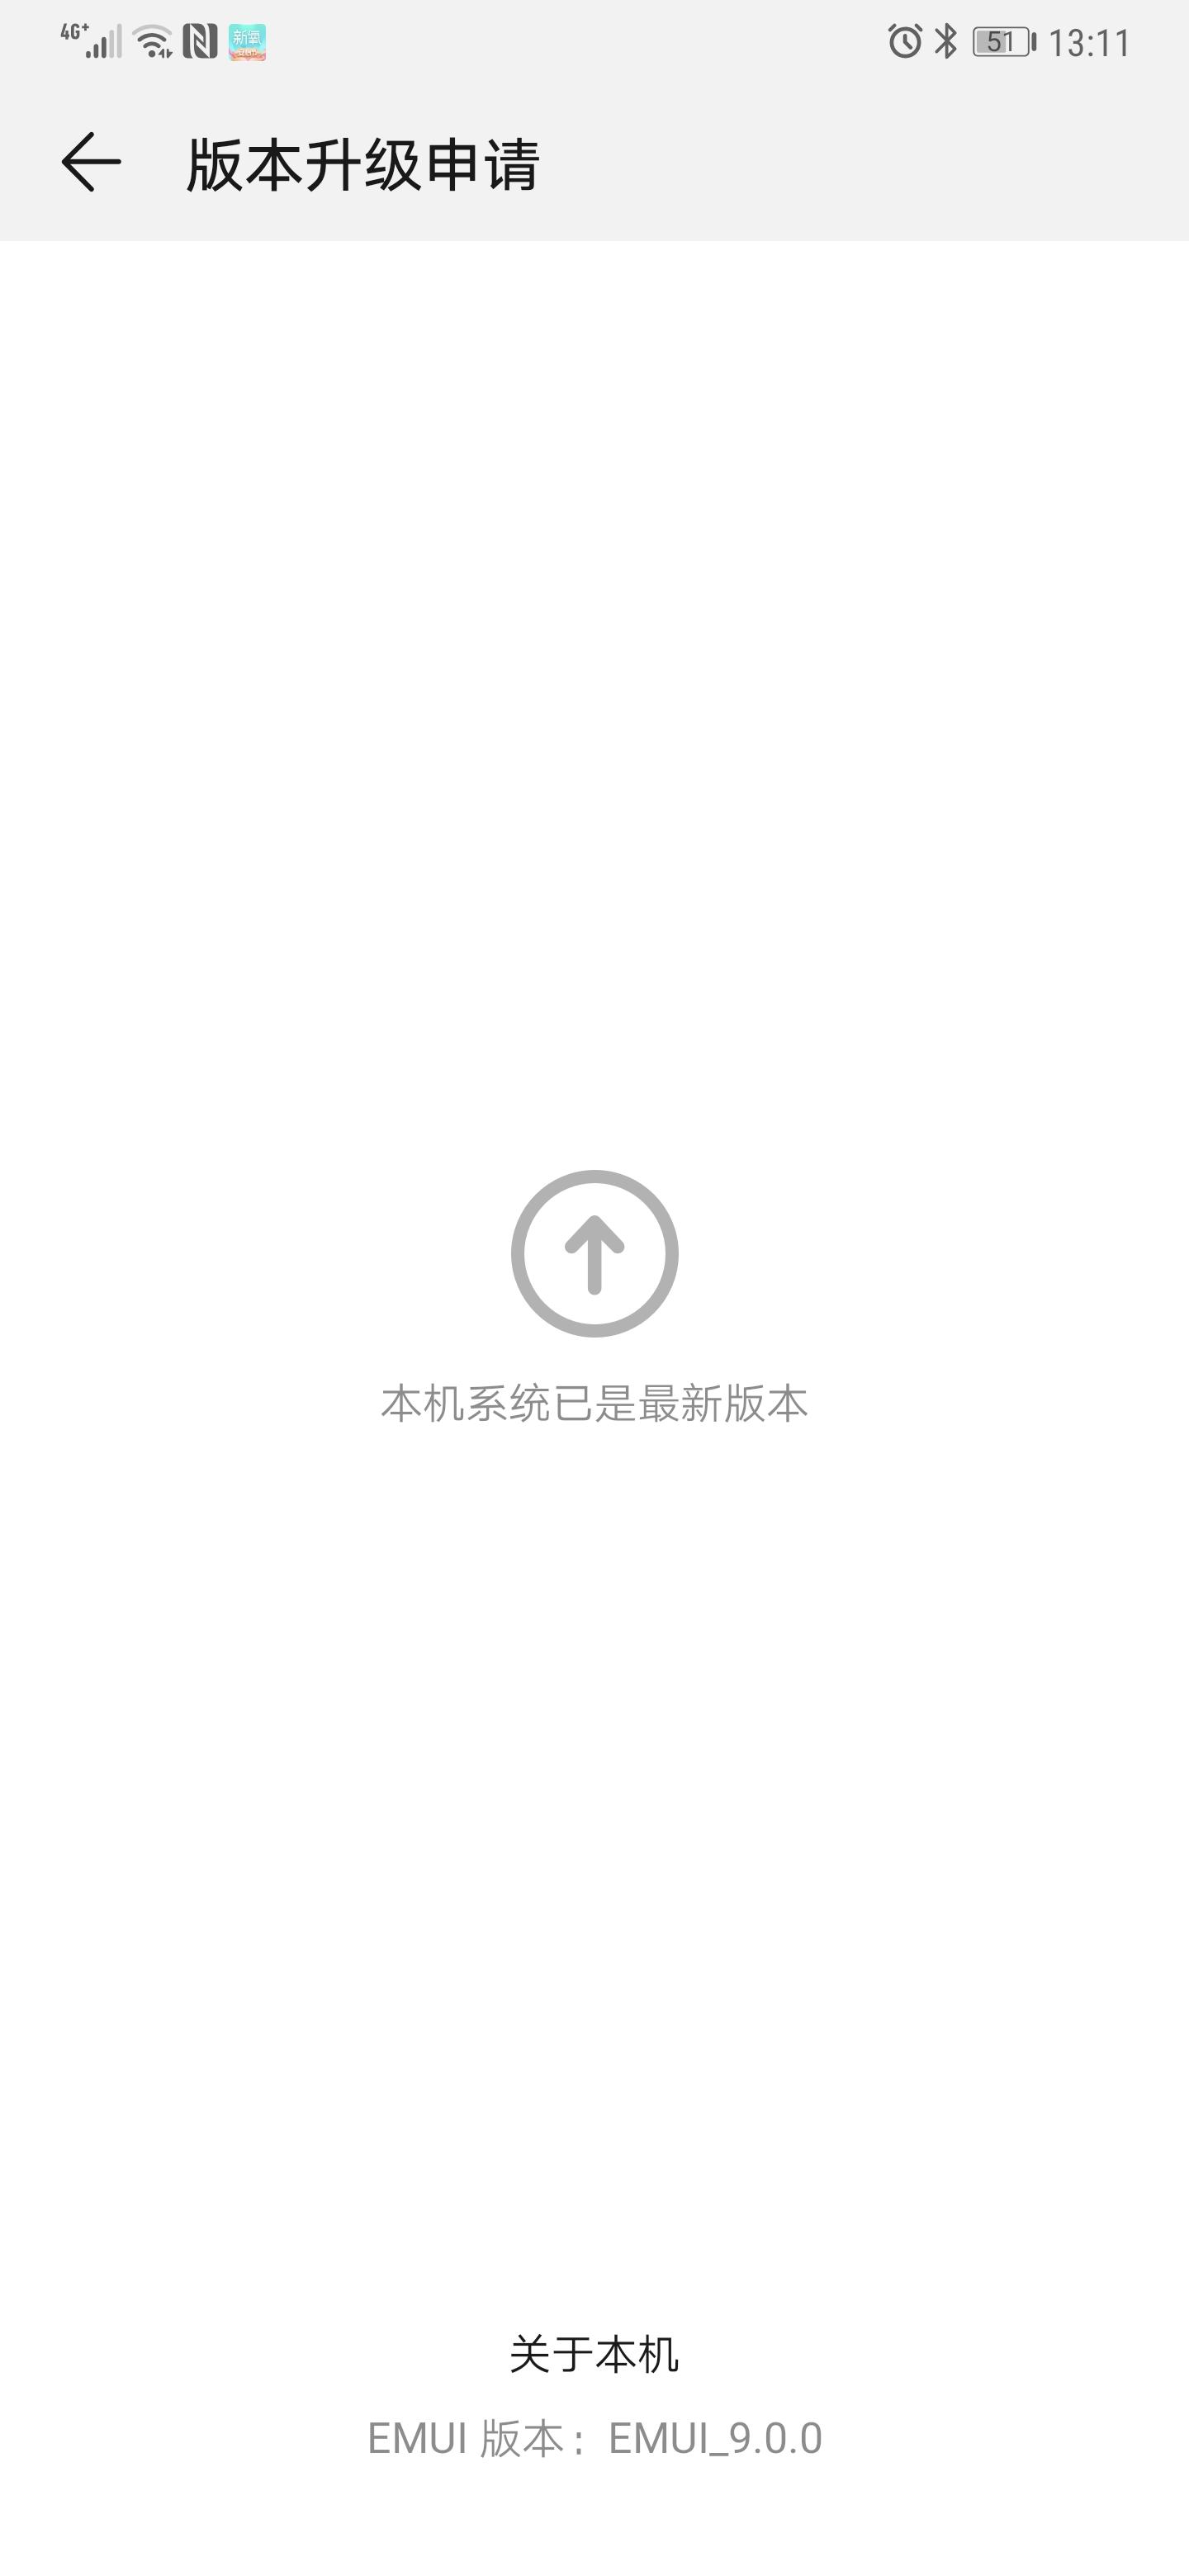 微信图片_20190307130700.jpg